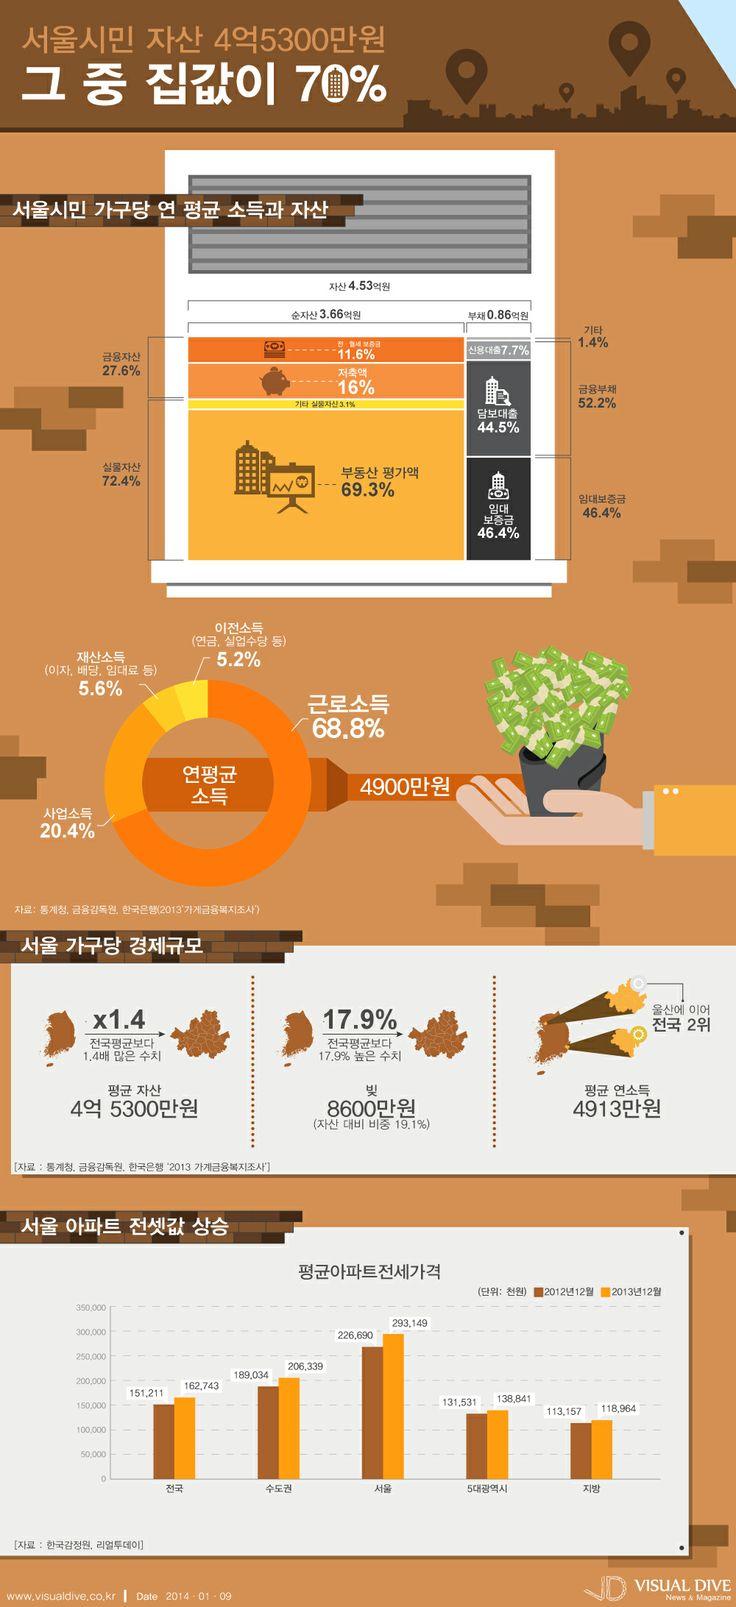 [인포그래픽] 서울시민 자산 4억5,300만원…집값이 70% 차지 #property / #Infographic ⓒ 비주얼다이브 무단 복사·전재·재배포 금지